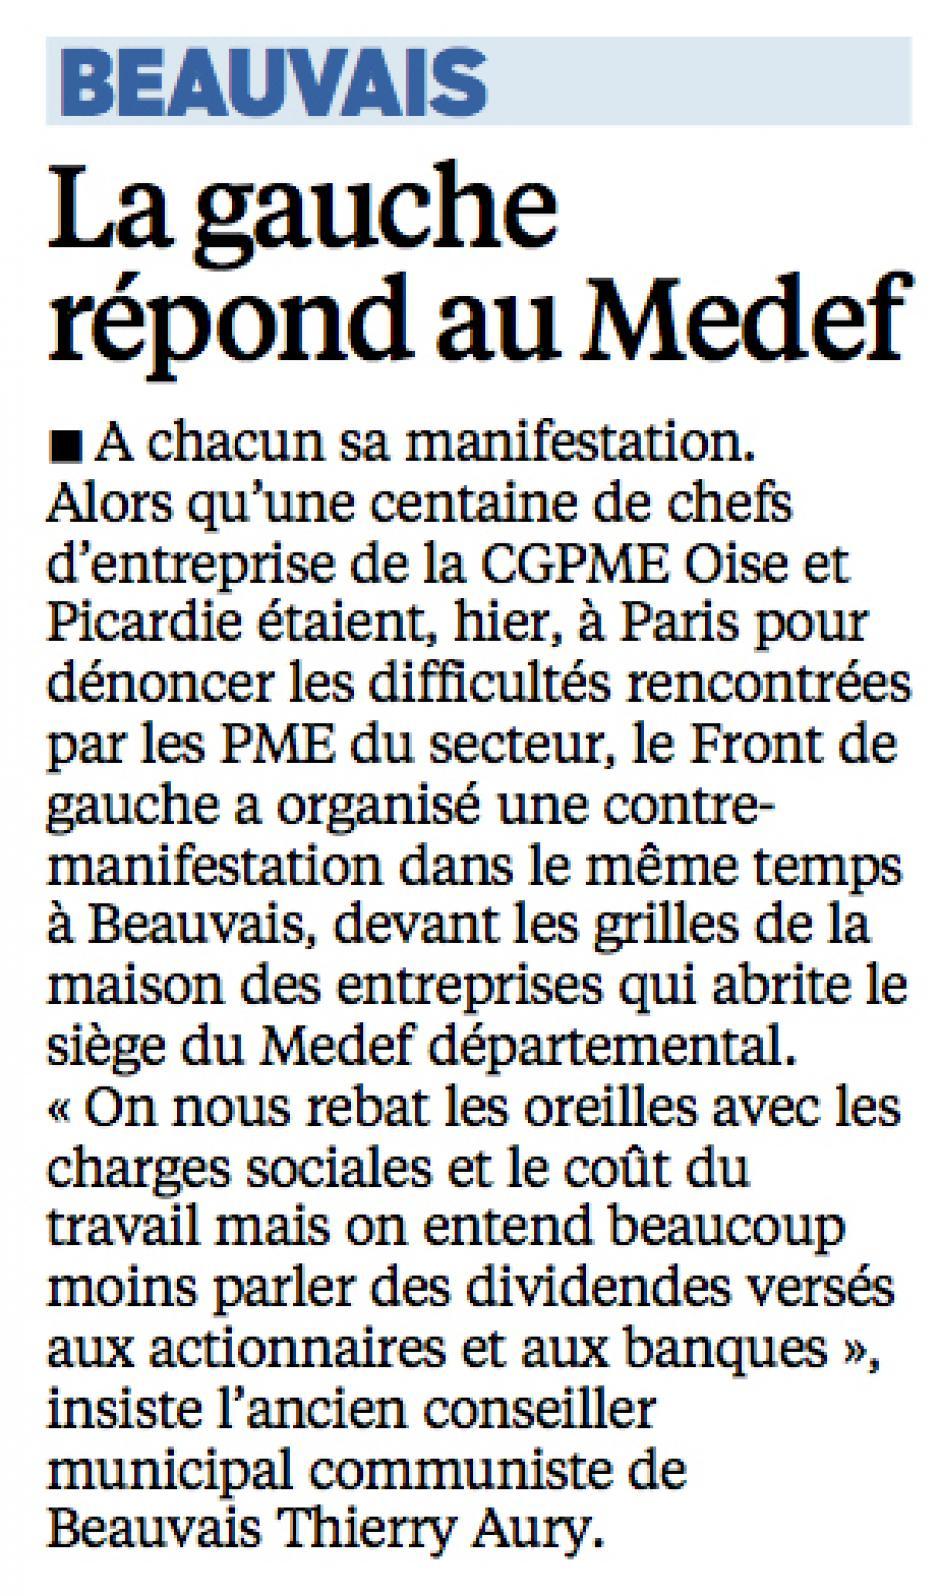 20141202-LeP-Beauvais-La gauche répond au Medef